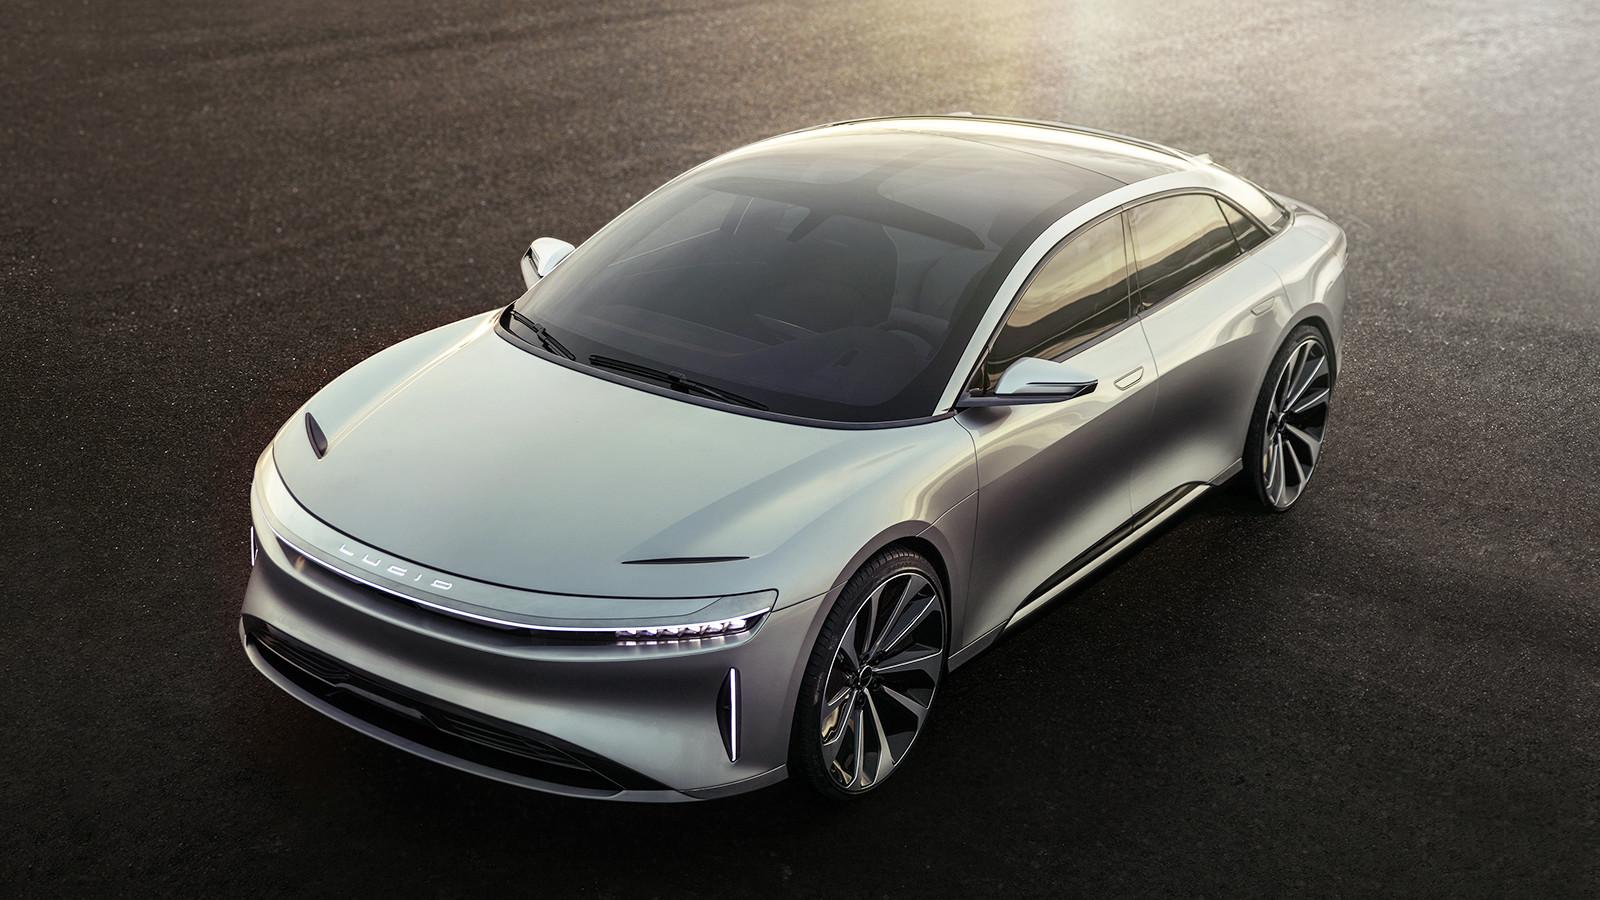 Самсунг обещает прорыв втехнологиях для электромобилей